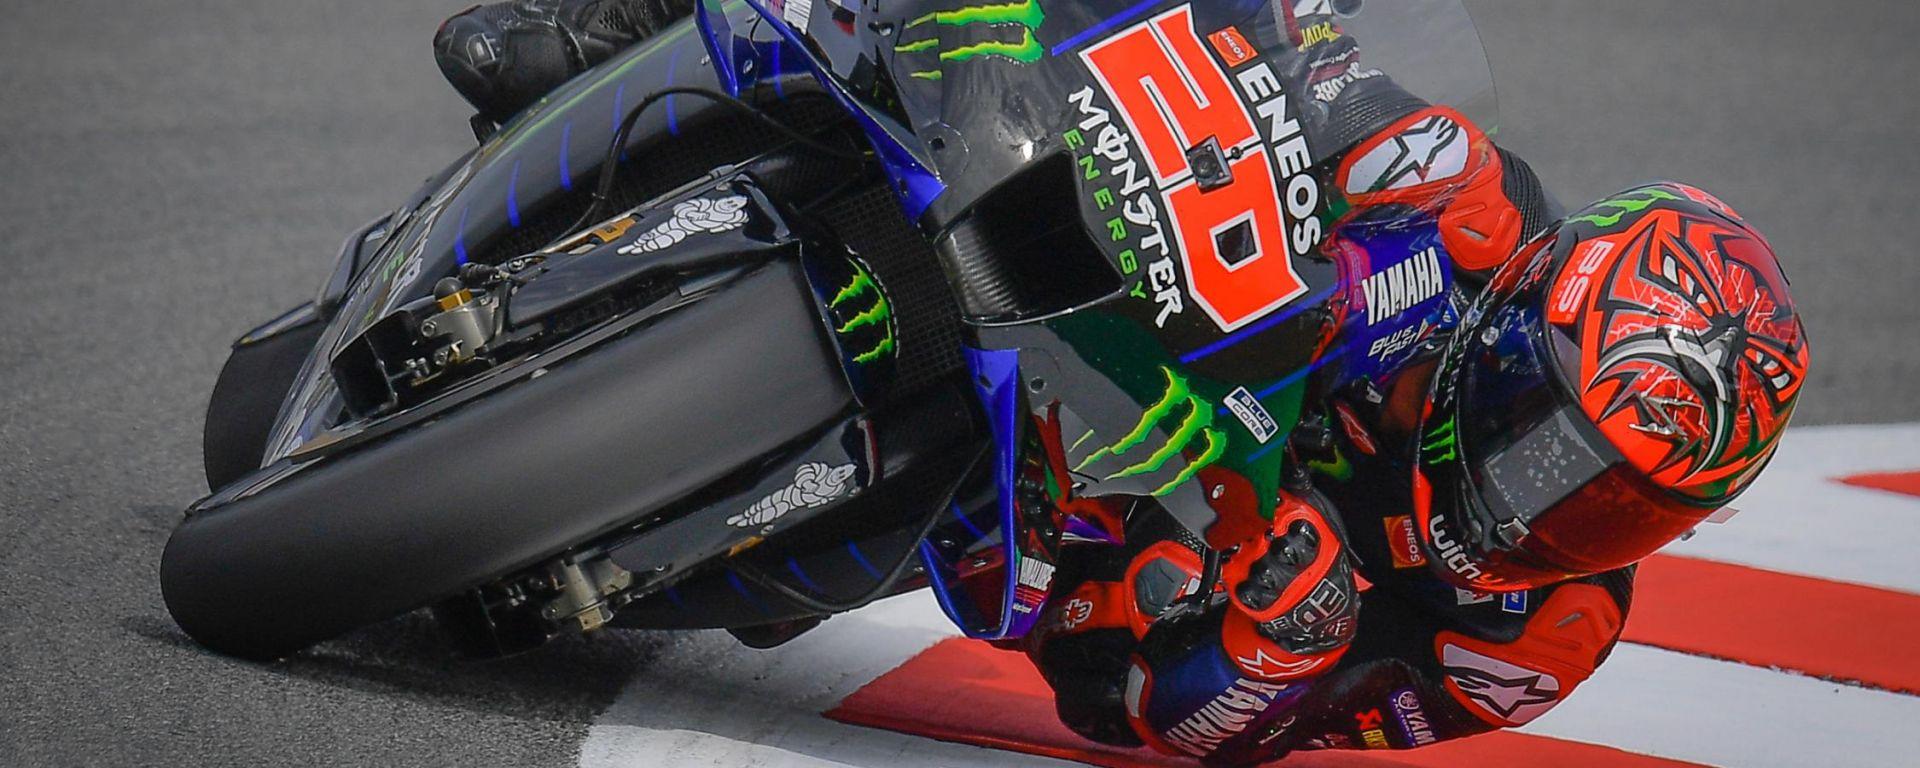 MotoGP Catalunya 2021, Fabio Quartararo (Yamaha)